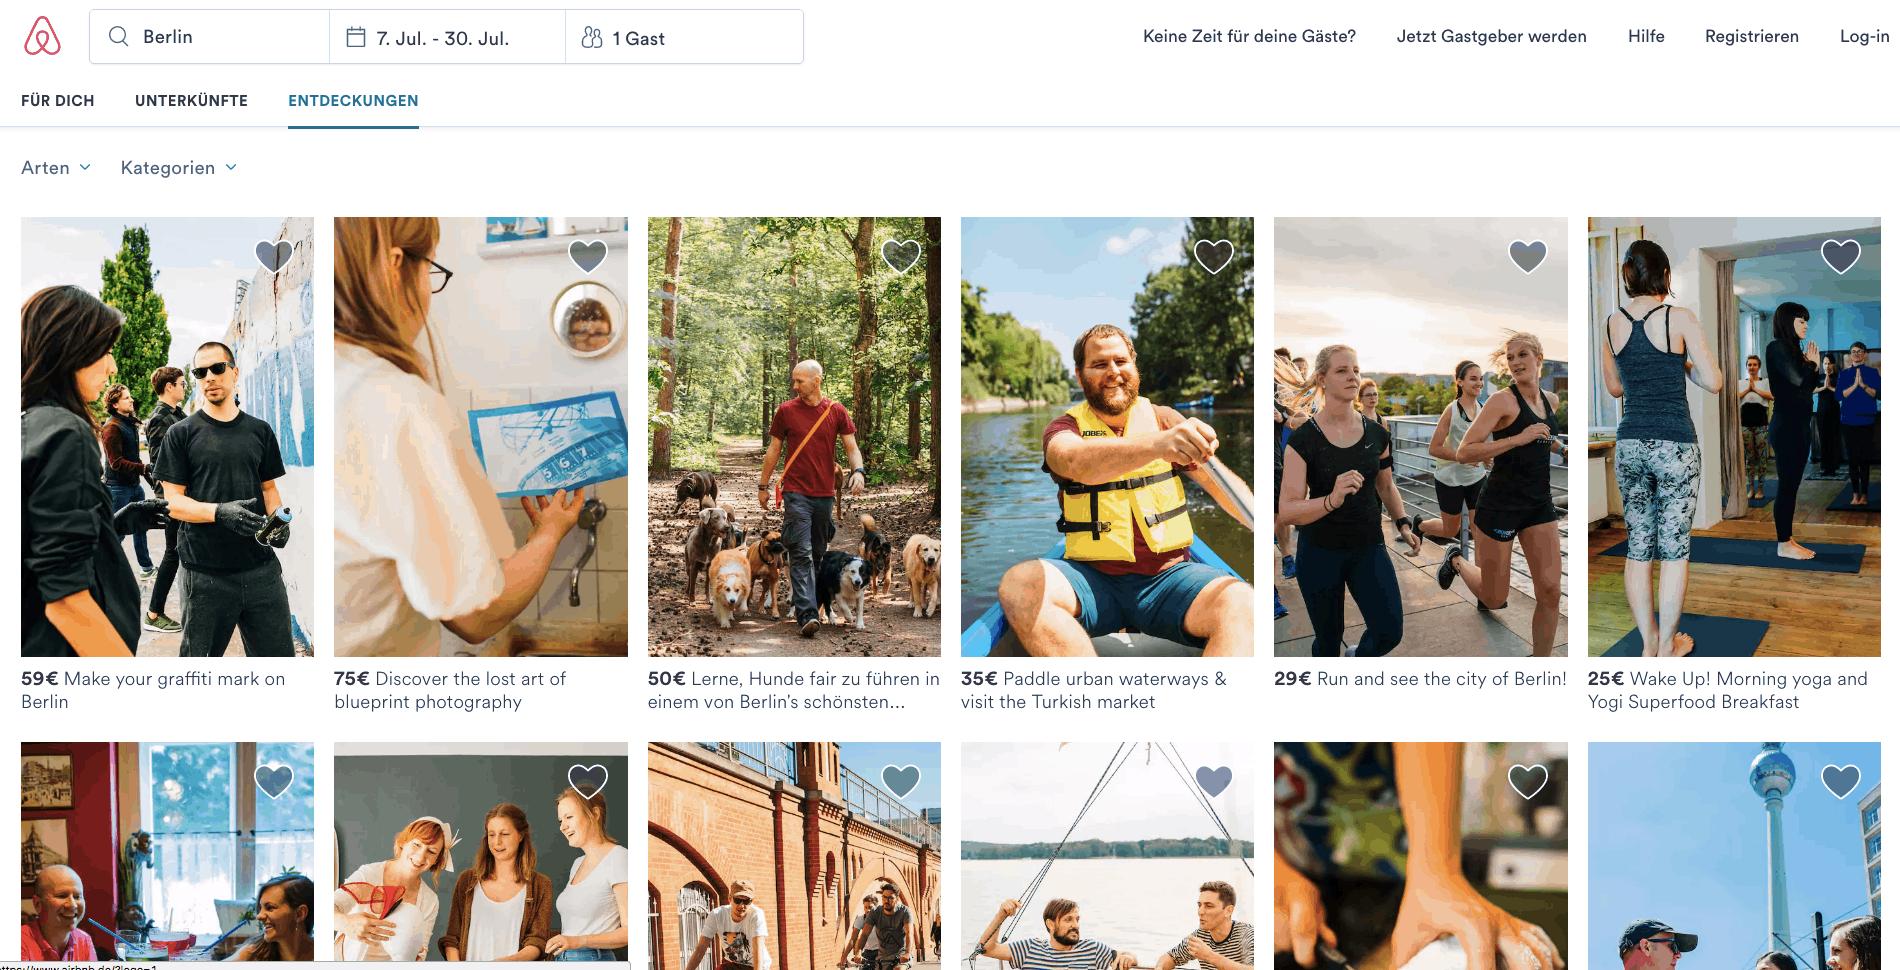 airbnbTrips